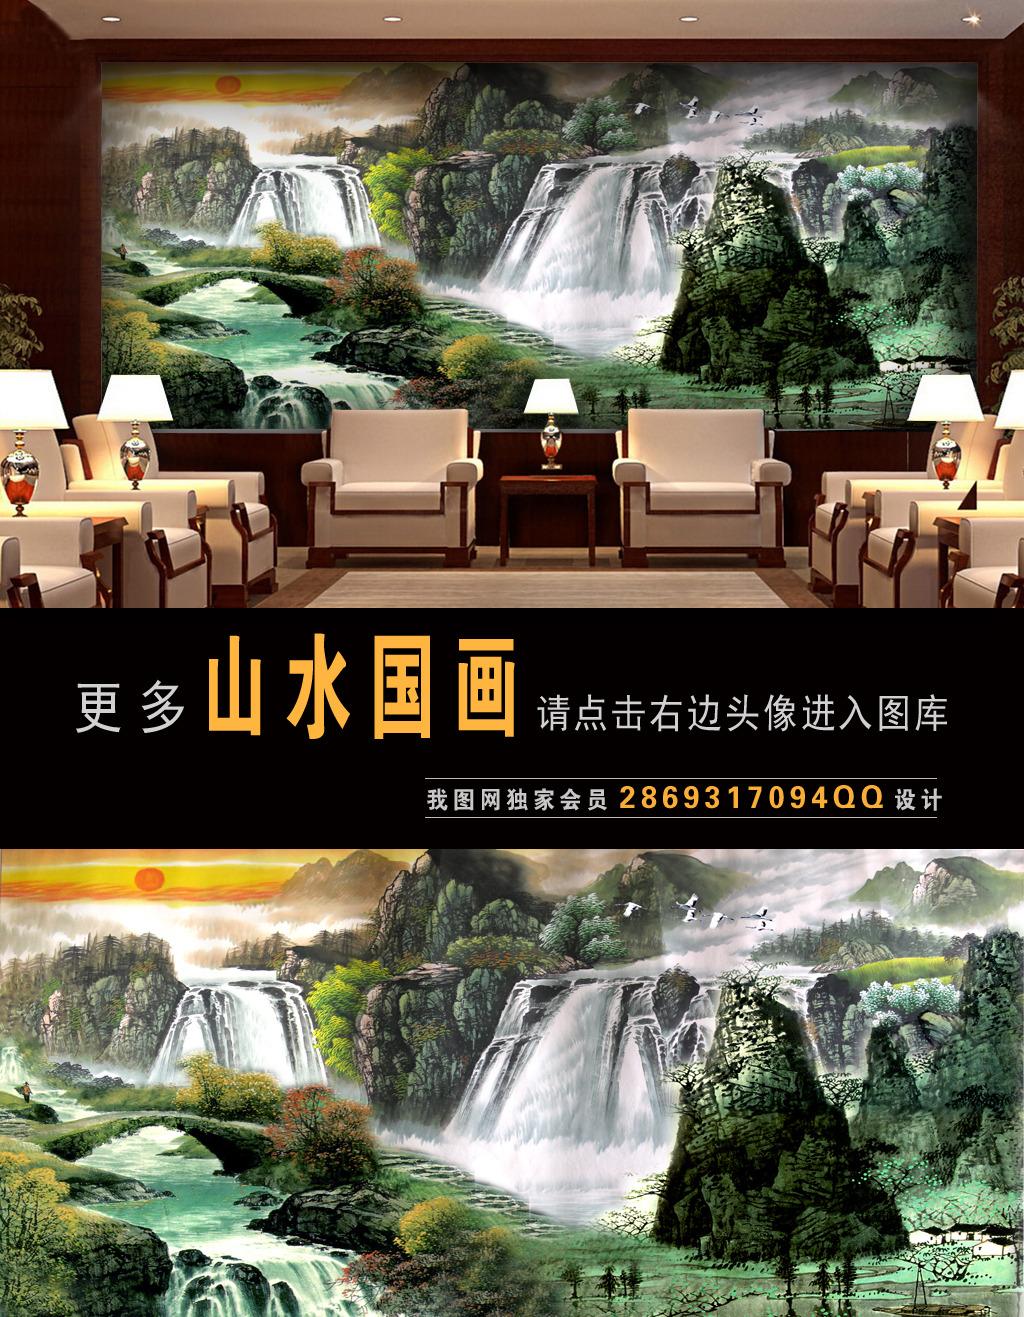 高山流水瀑布国画山水画客厅沙发背景墙